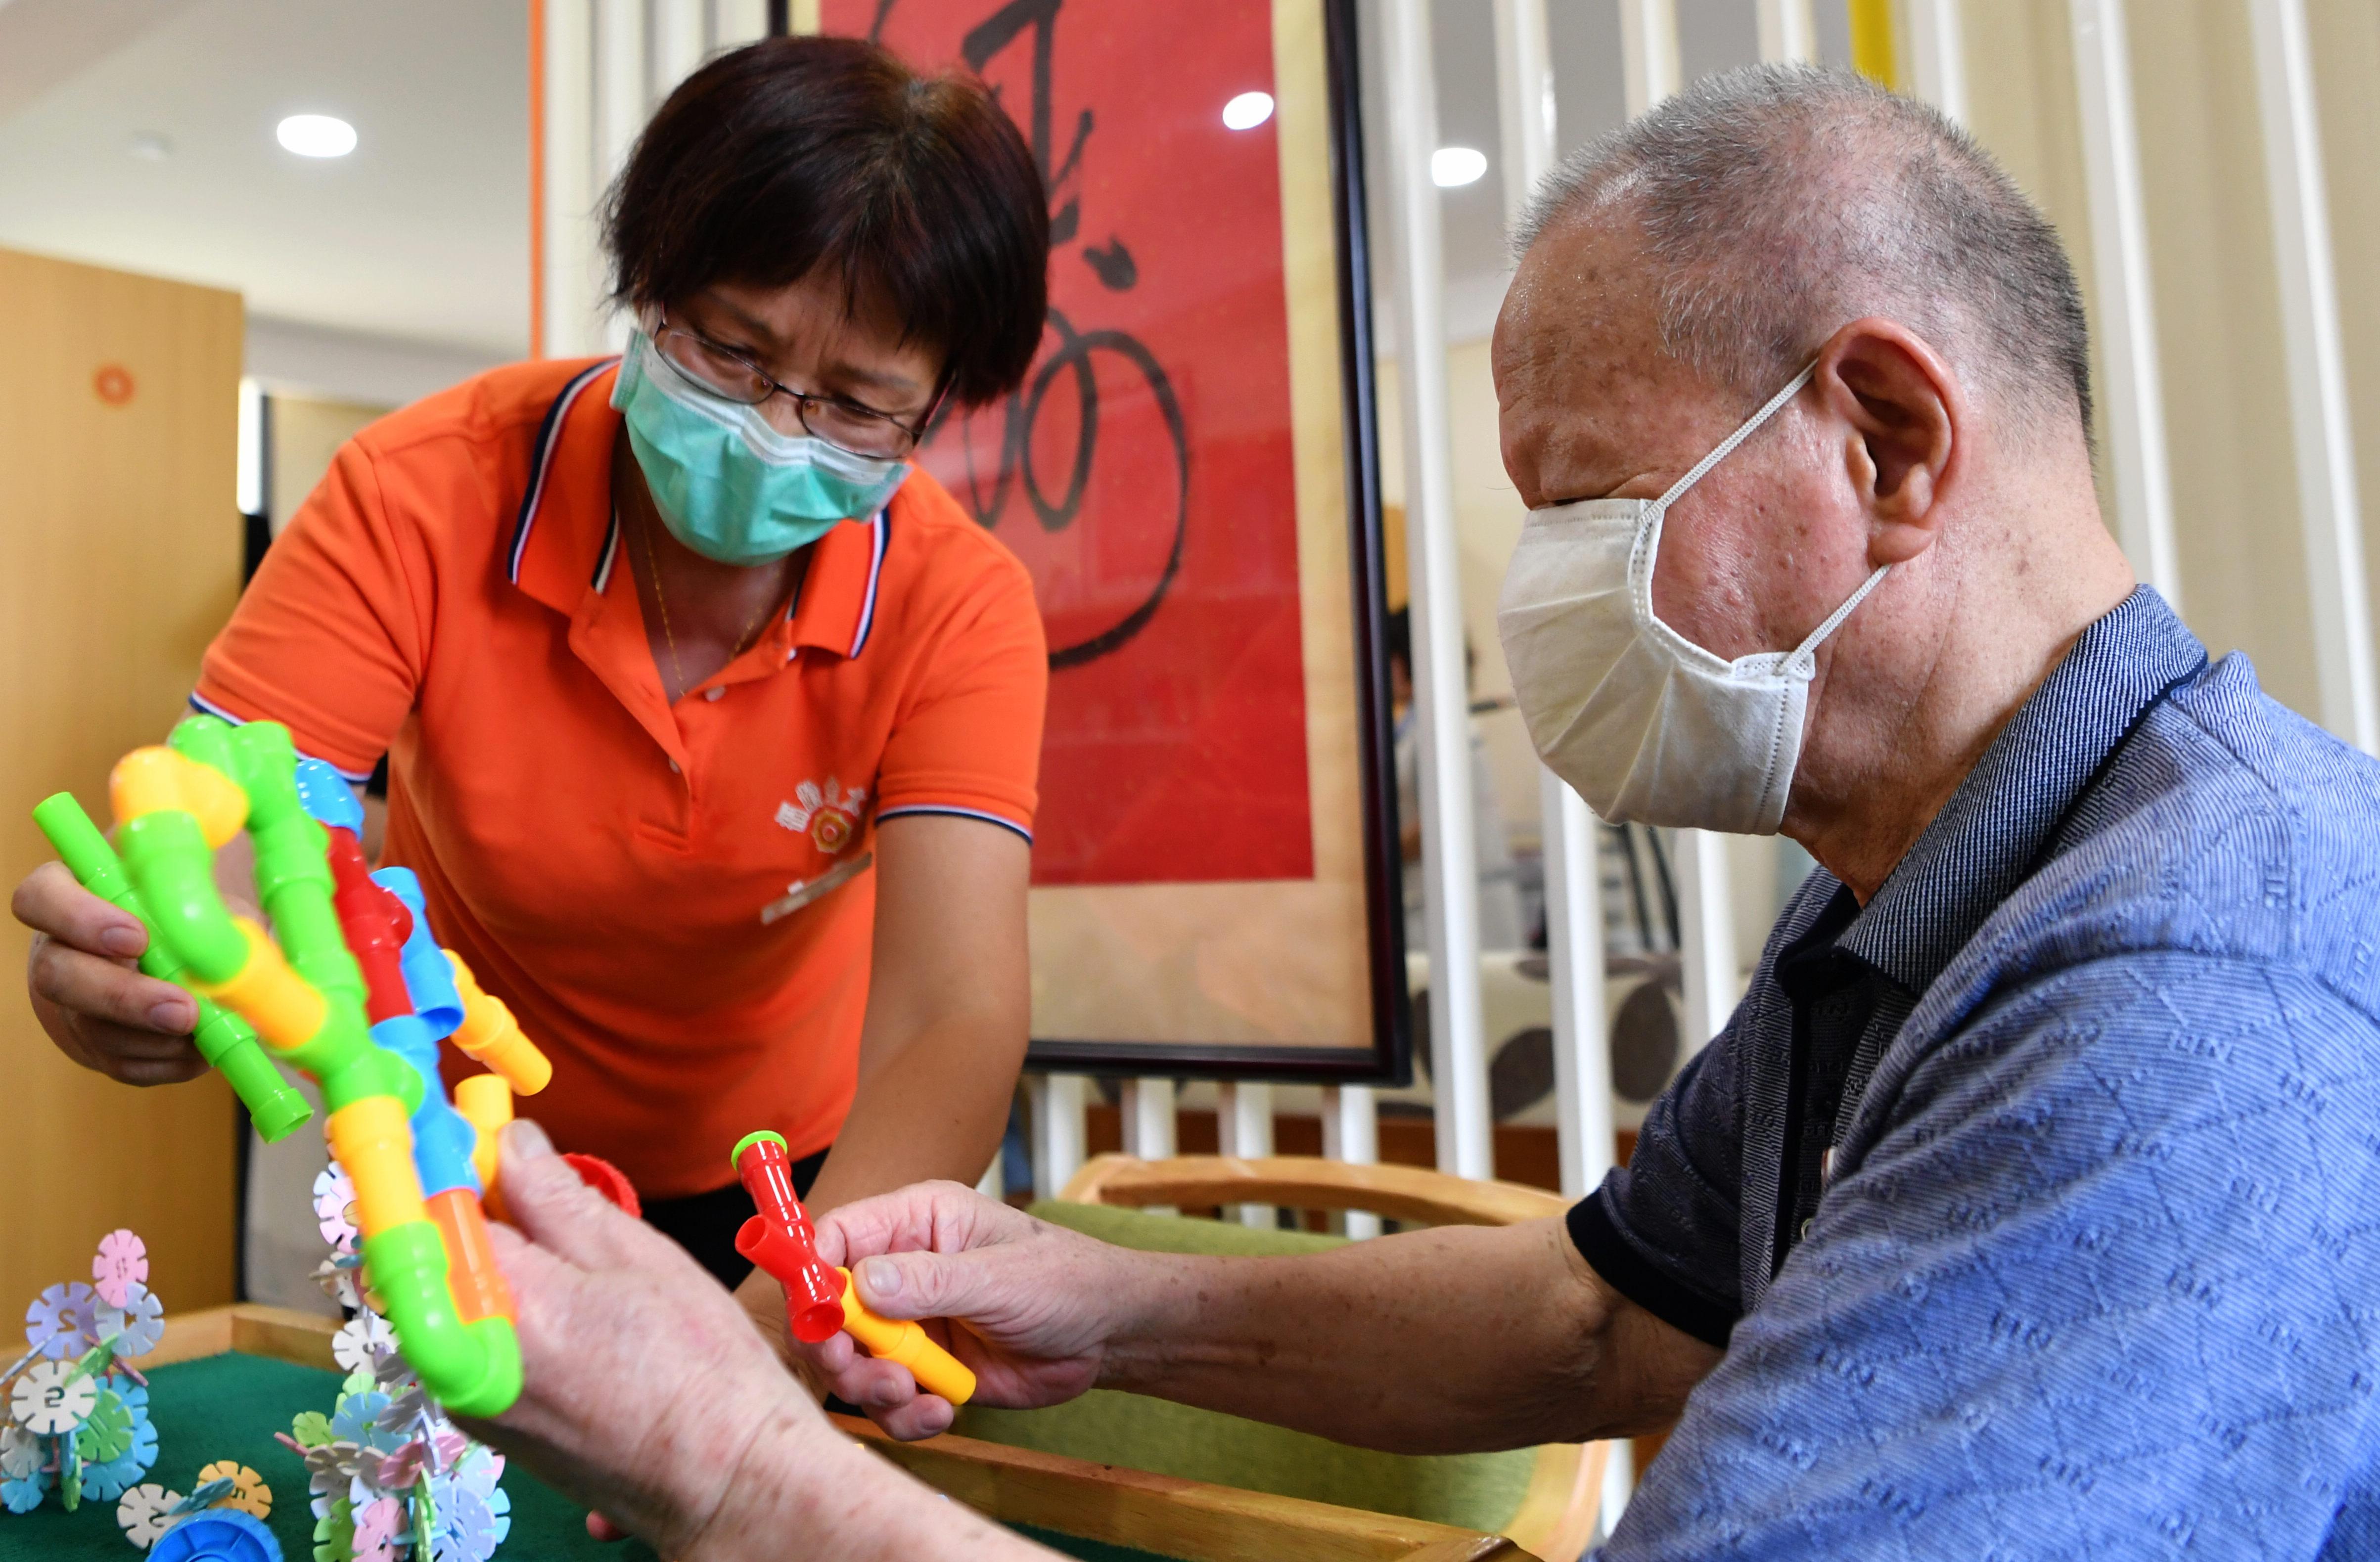 中国、アルツハイマー病予防治療計画発表 高齢者の80%を検査